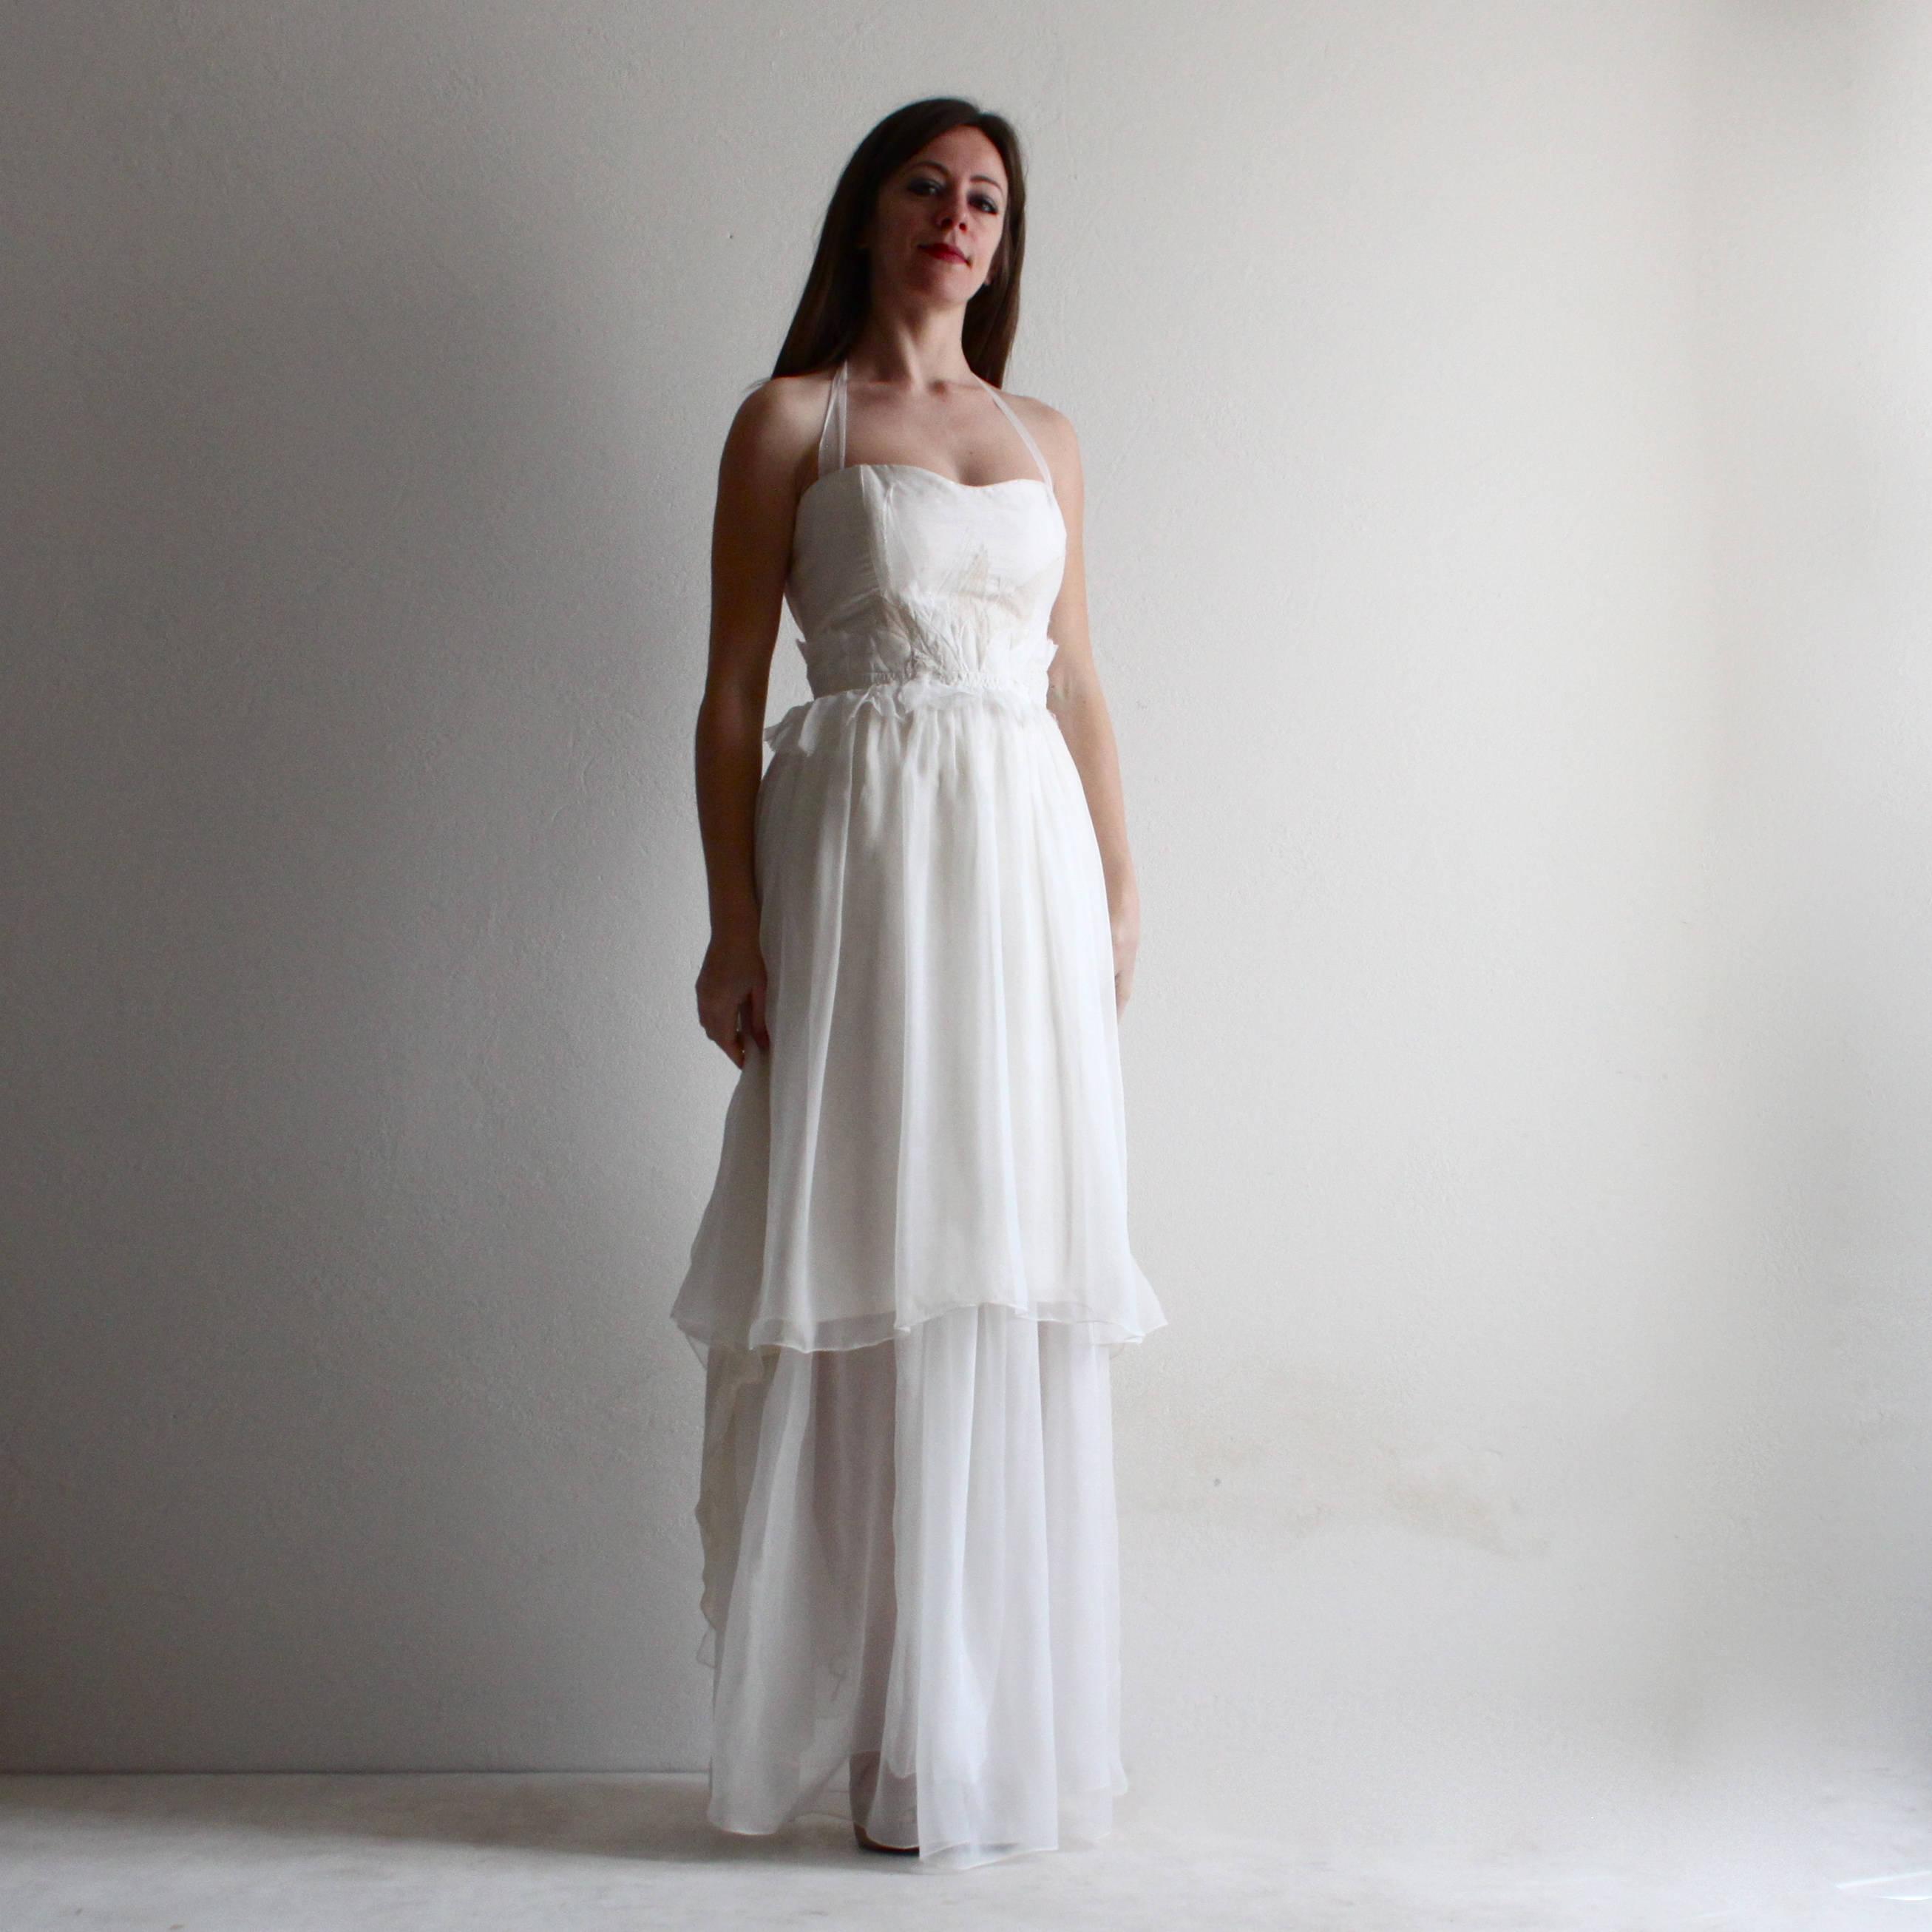 Vestiti Da Sposa Su Misura.Abito Da Sposa Vestito Da Sposa Alternativo Abito Da Sposa